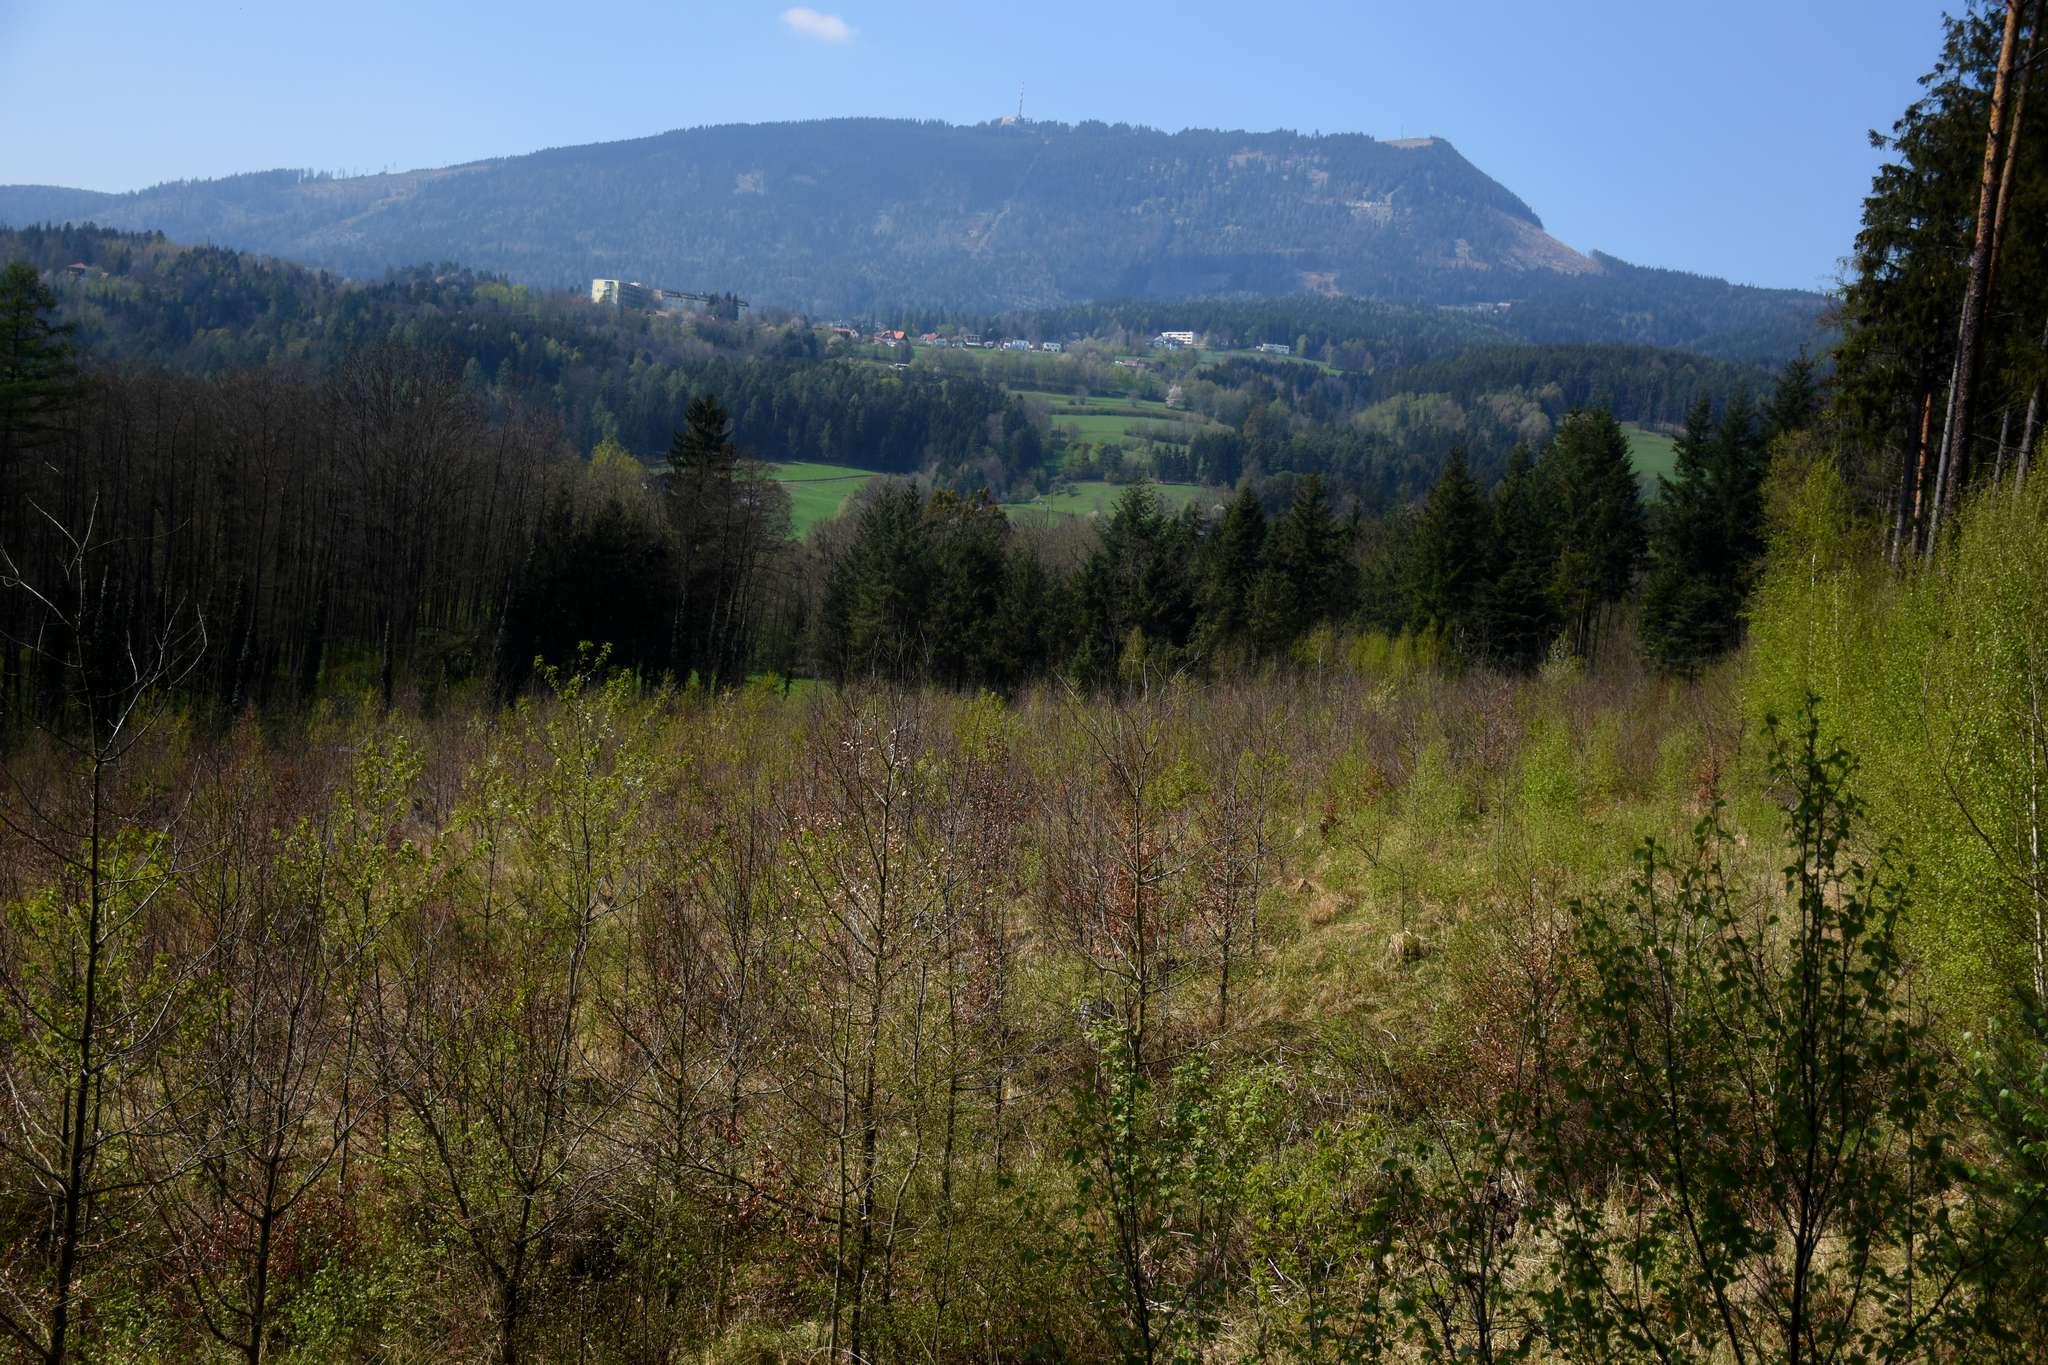 Auf 1,16 ha wachsen Vogelkirschen, Rotbuchen, Stieleichen und Winterlinden. Im Hintergrund sieht man den Grazer Hausberg, den Schöckl.